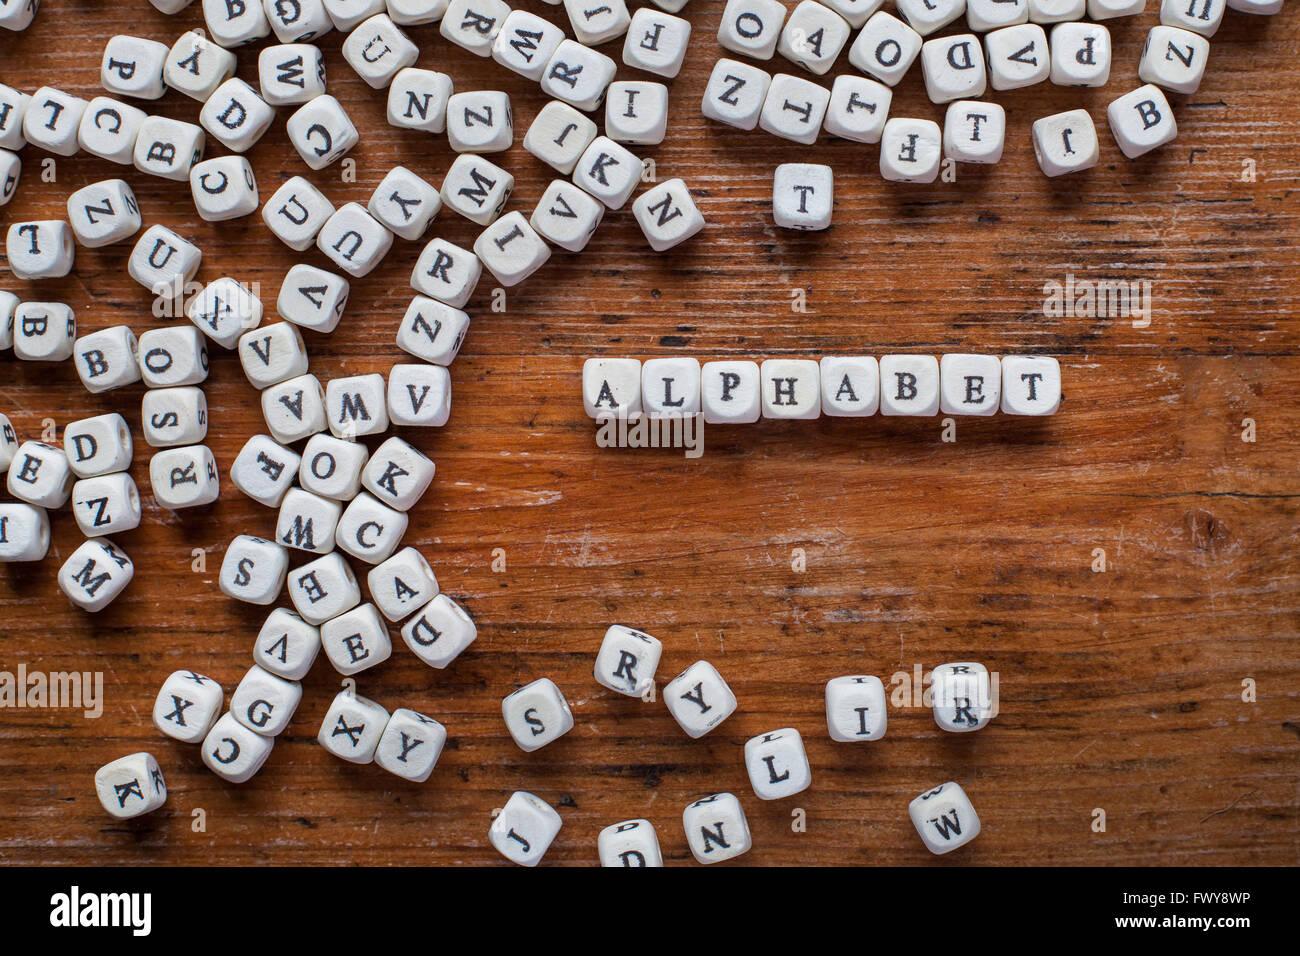 Alphabet-Konzept, Wort, geschrieben mit Holzbuchstaben, weißen englischen Text auf dunklem Hintergrund, abc Stockbild